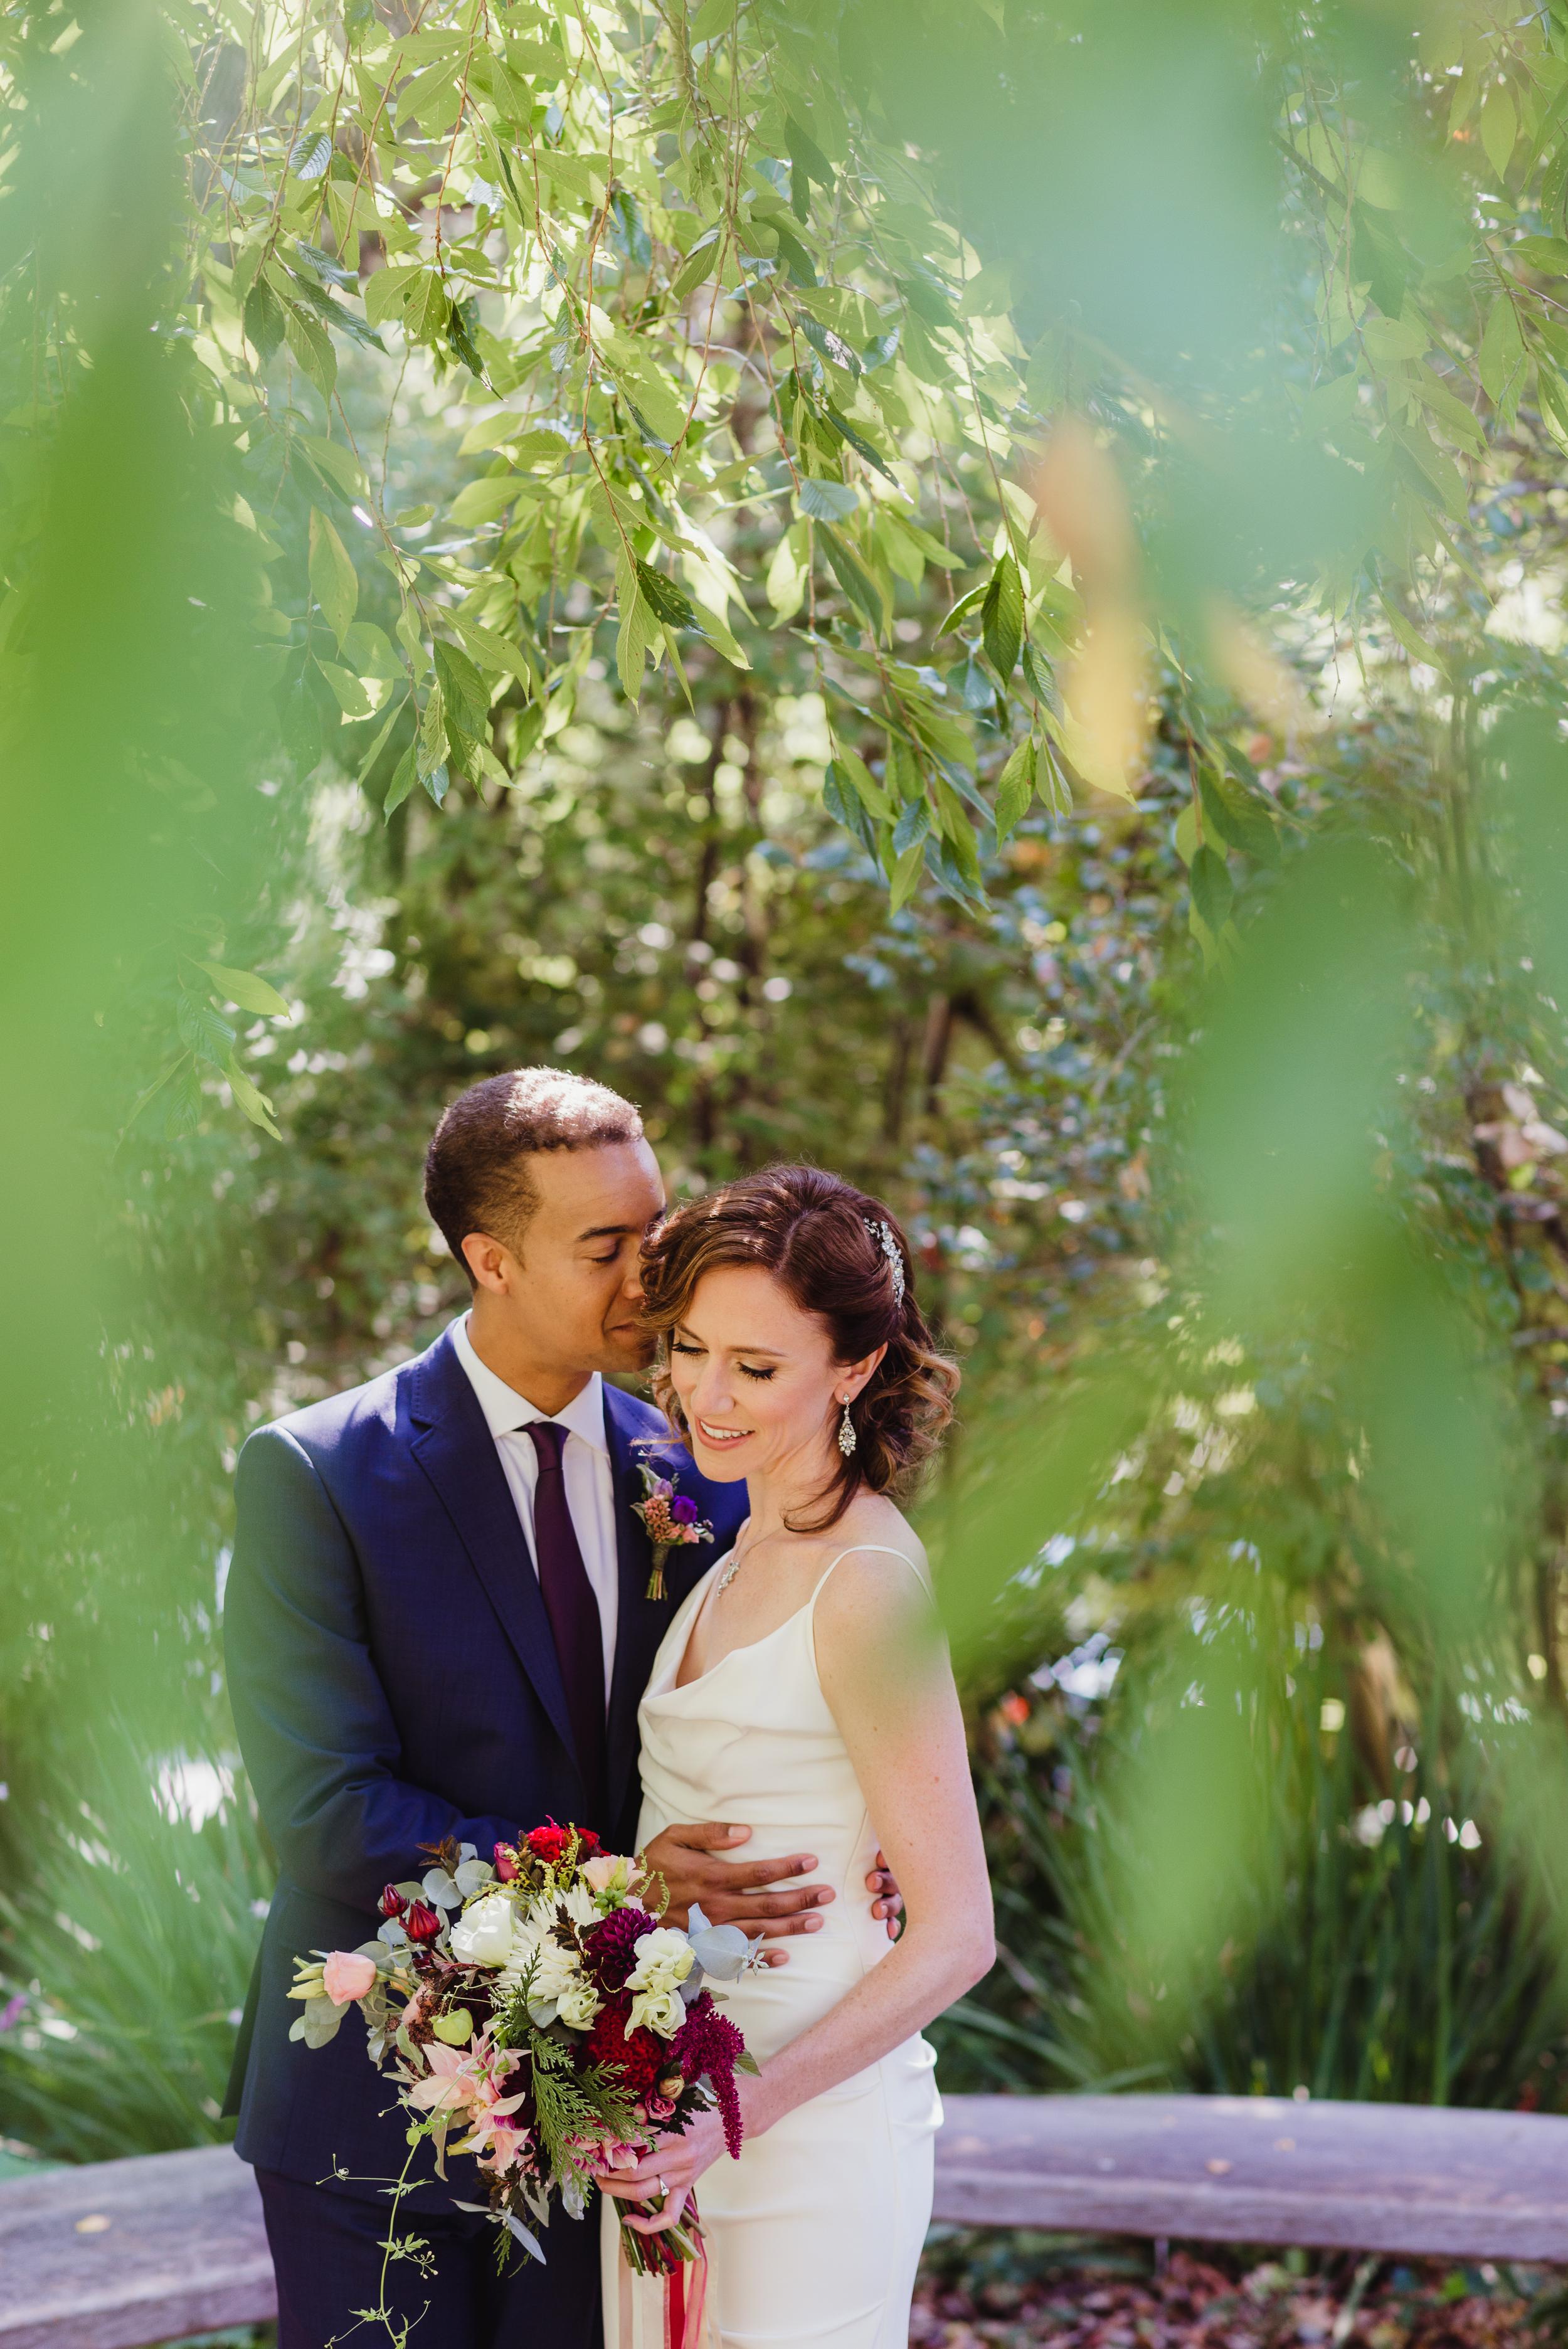 22-outdoor-art-club-wedding-vivianchen-380.jpg